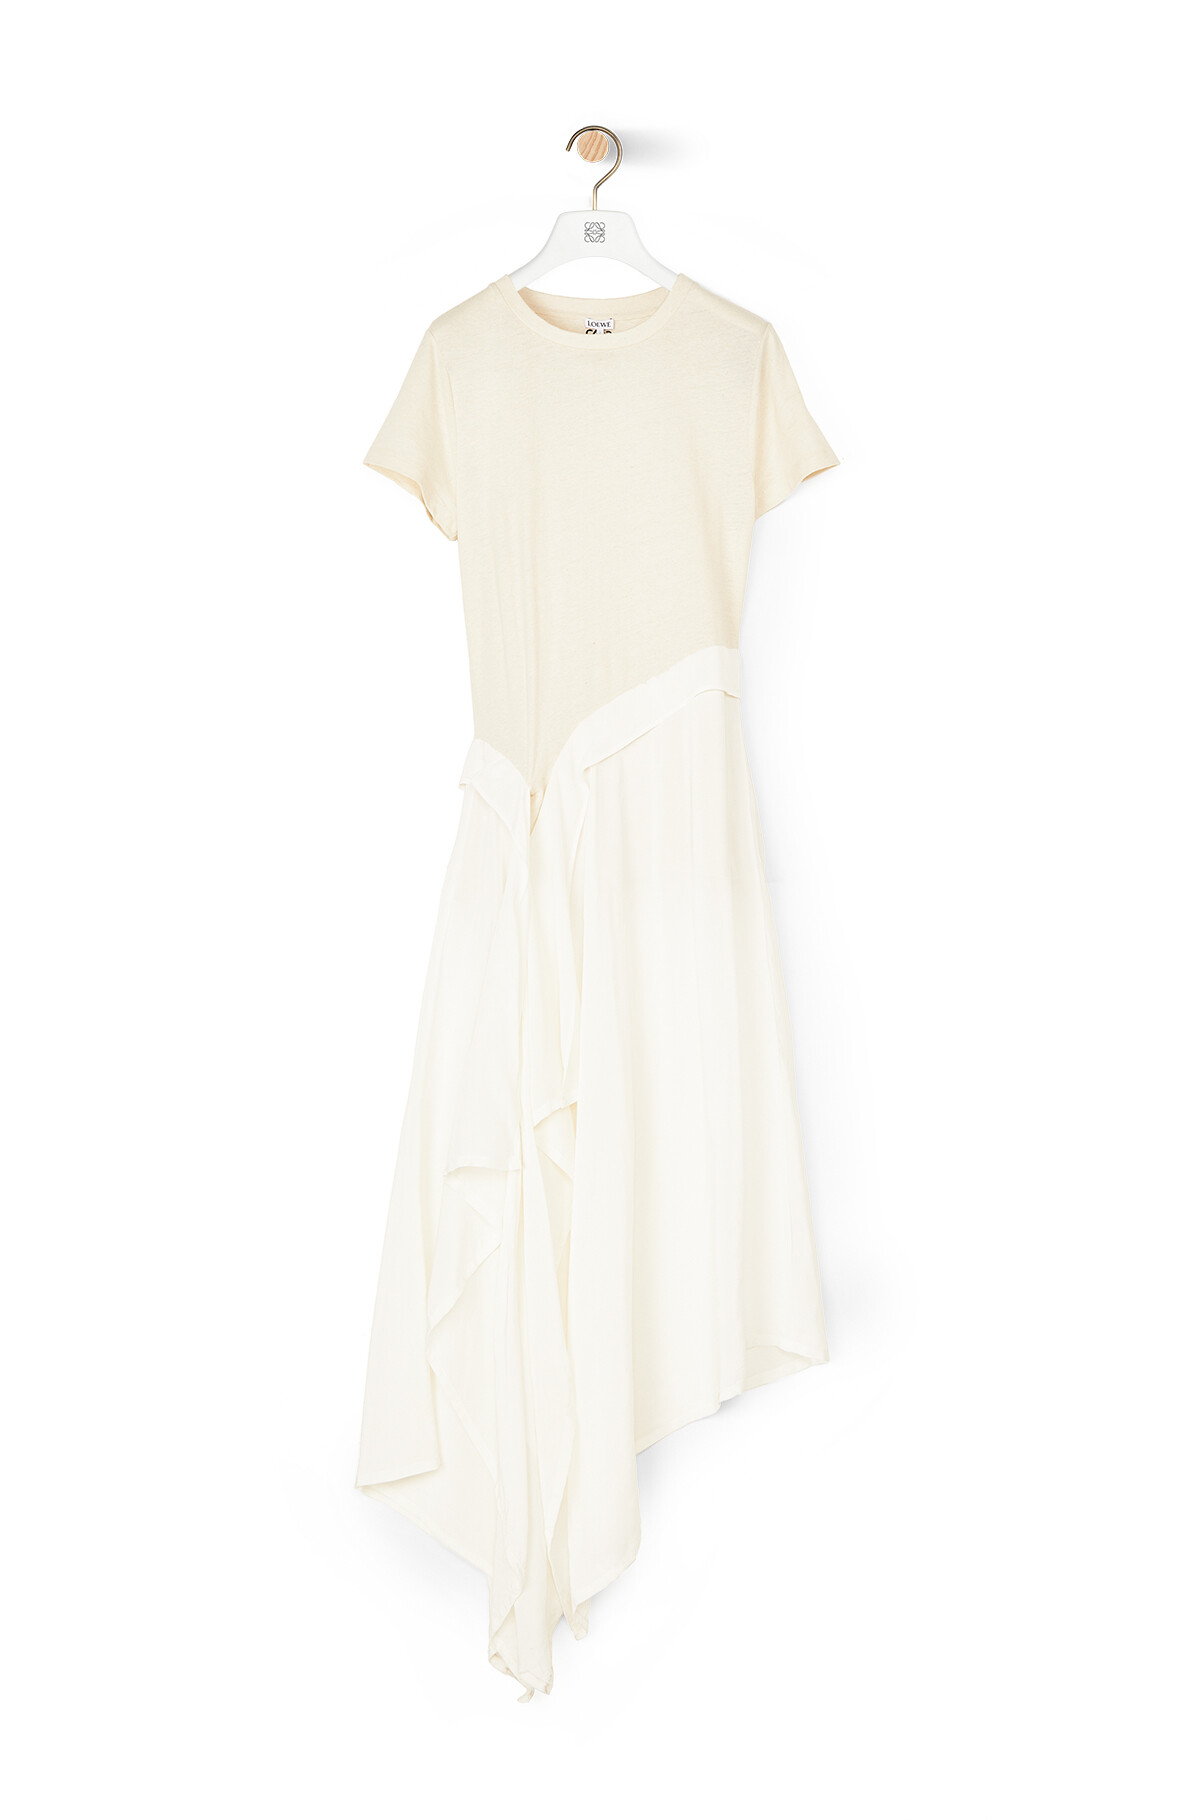 LOEWE Satin & Jersey T-Shirt Dress Blanco/Crudo front